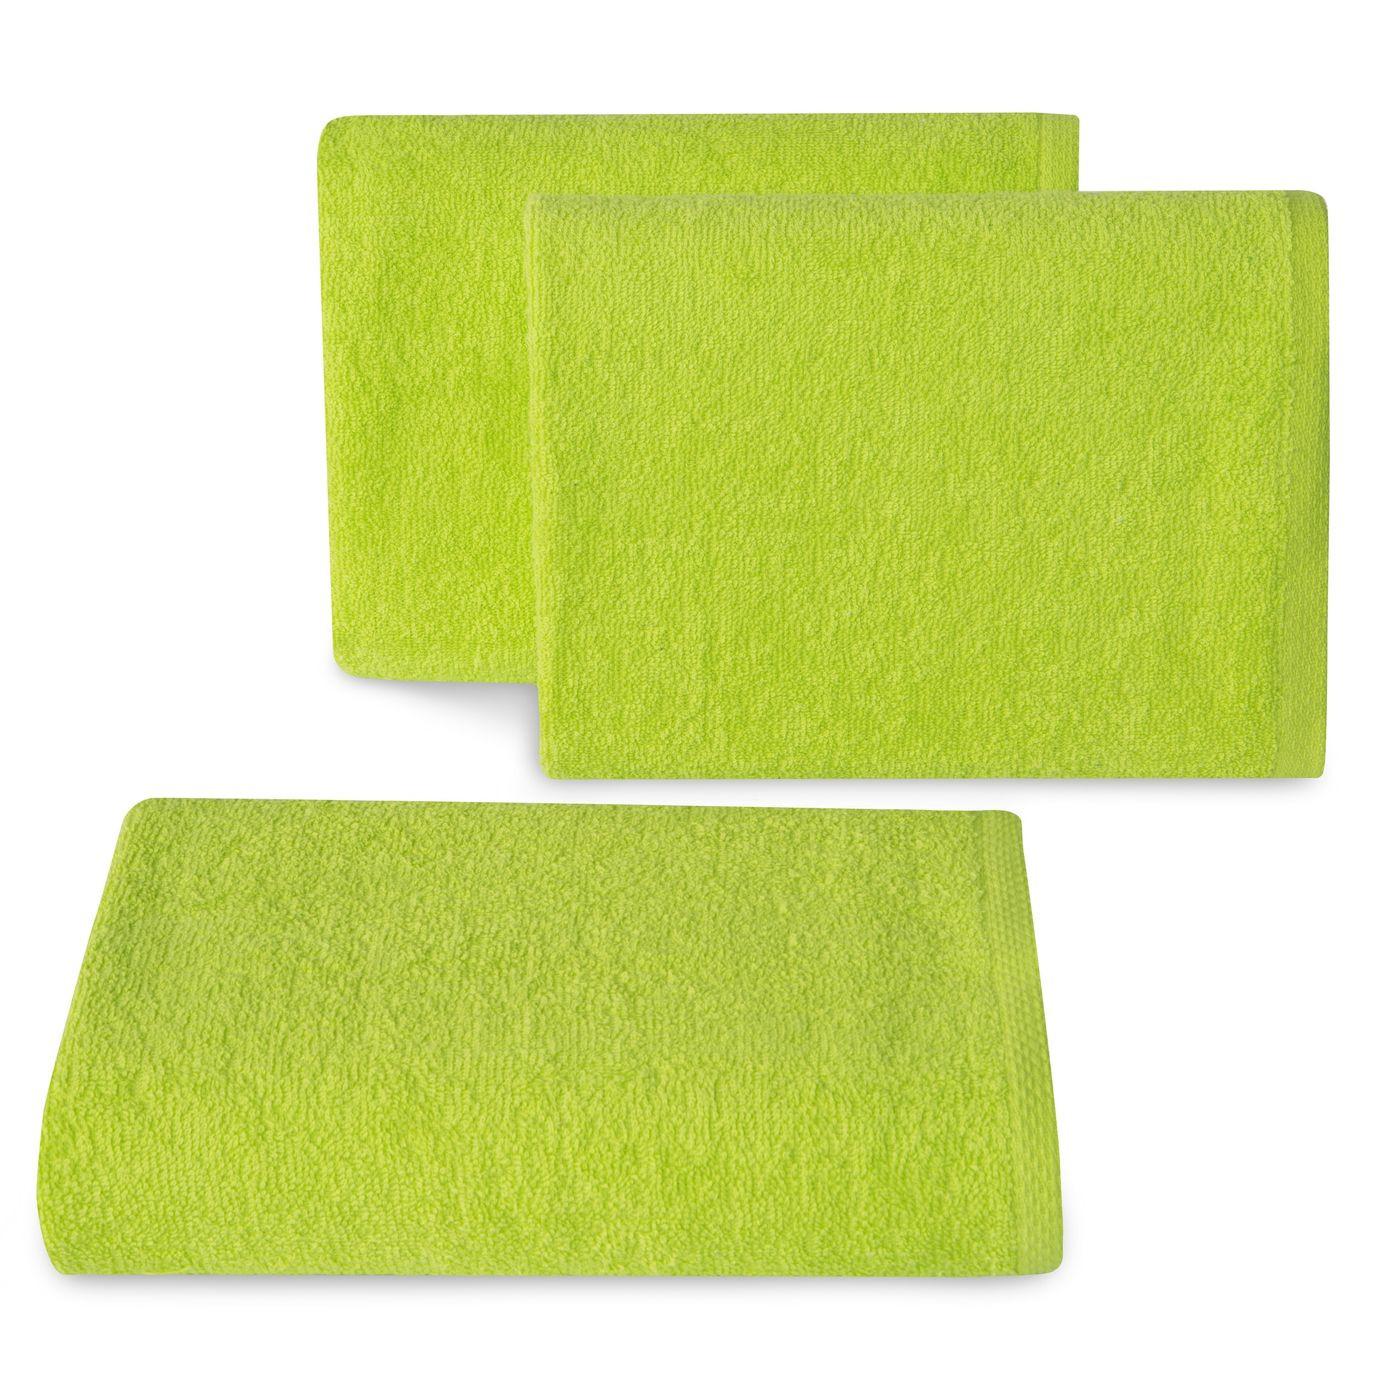 Ręcznik z bawełny gładki sałata 50x90cm